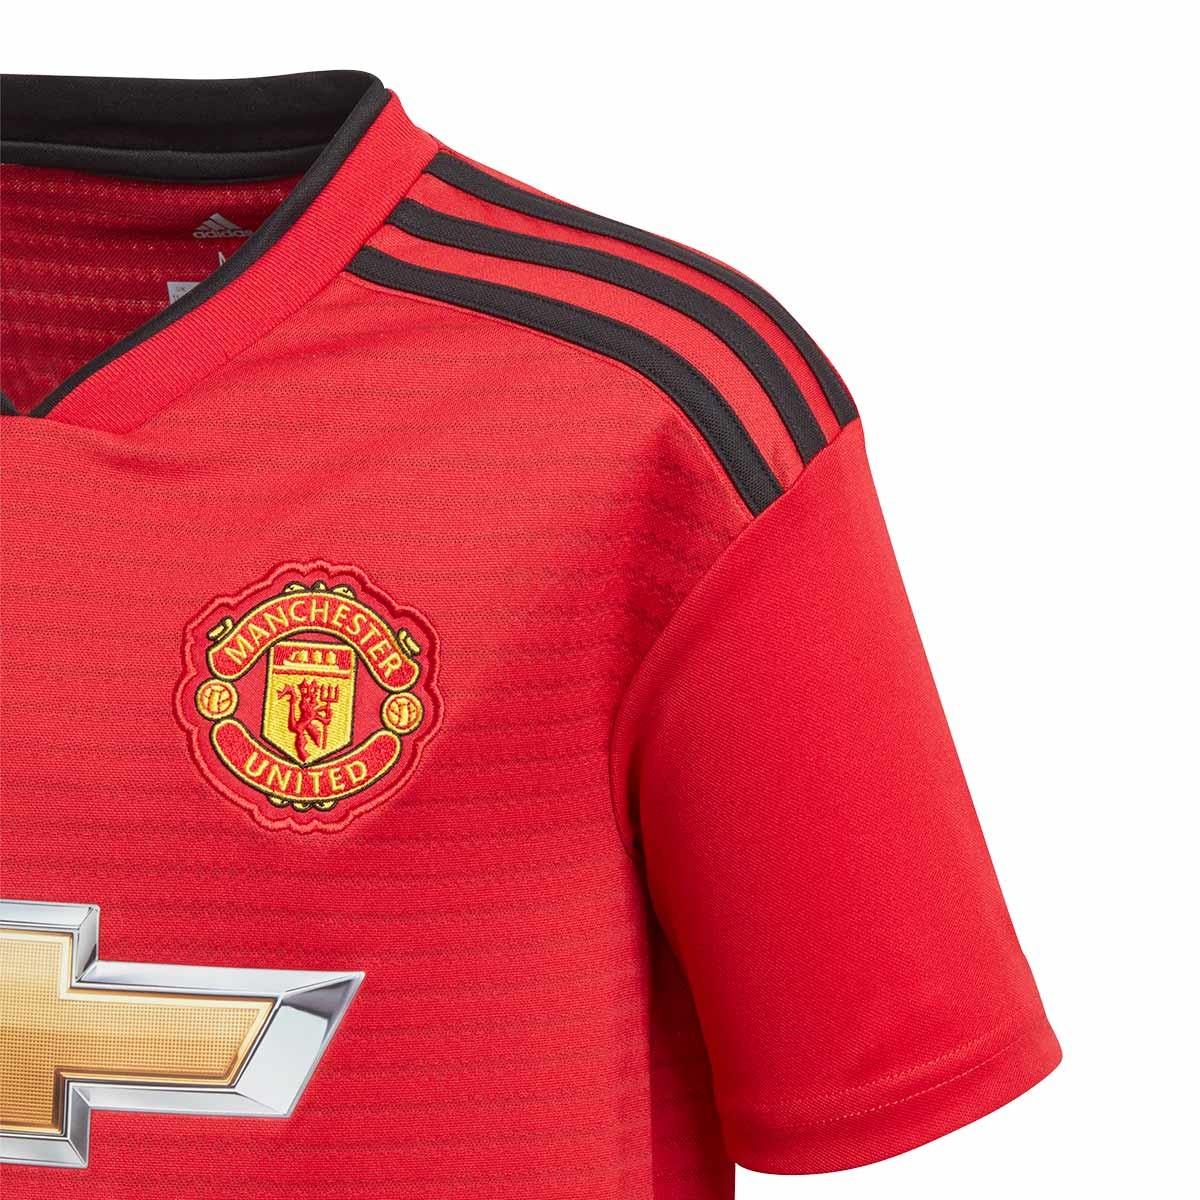 Camiseta adidas Manchester United FC Primera Equipación 2018-2019 Niño Real  red-Black - Soloporteros es ahora Fútbol Emotion 18508d868f0